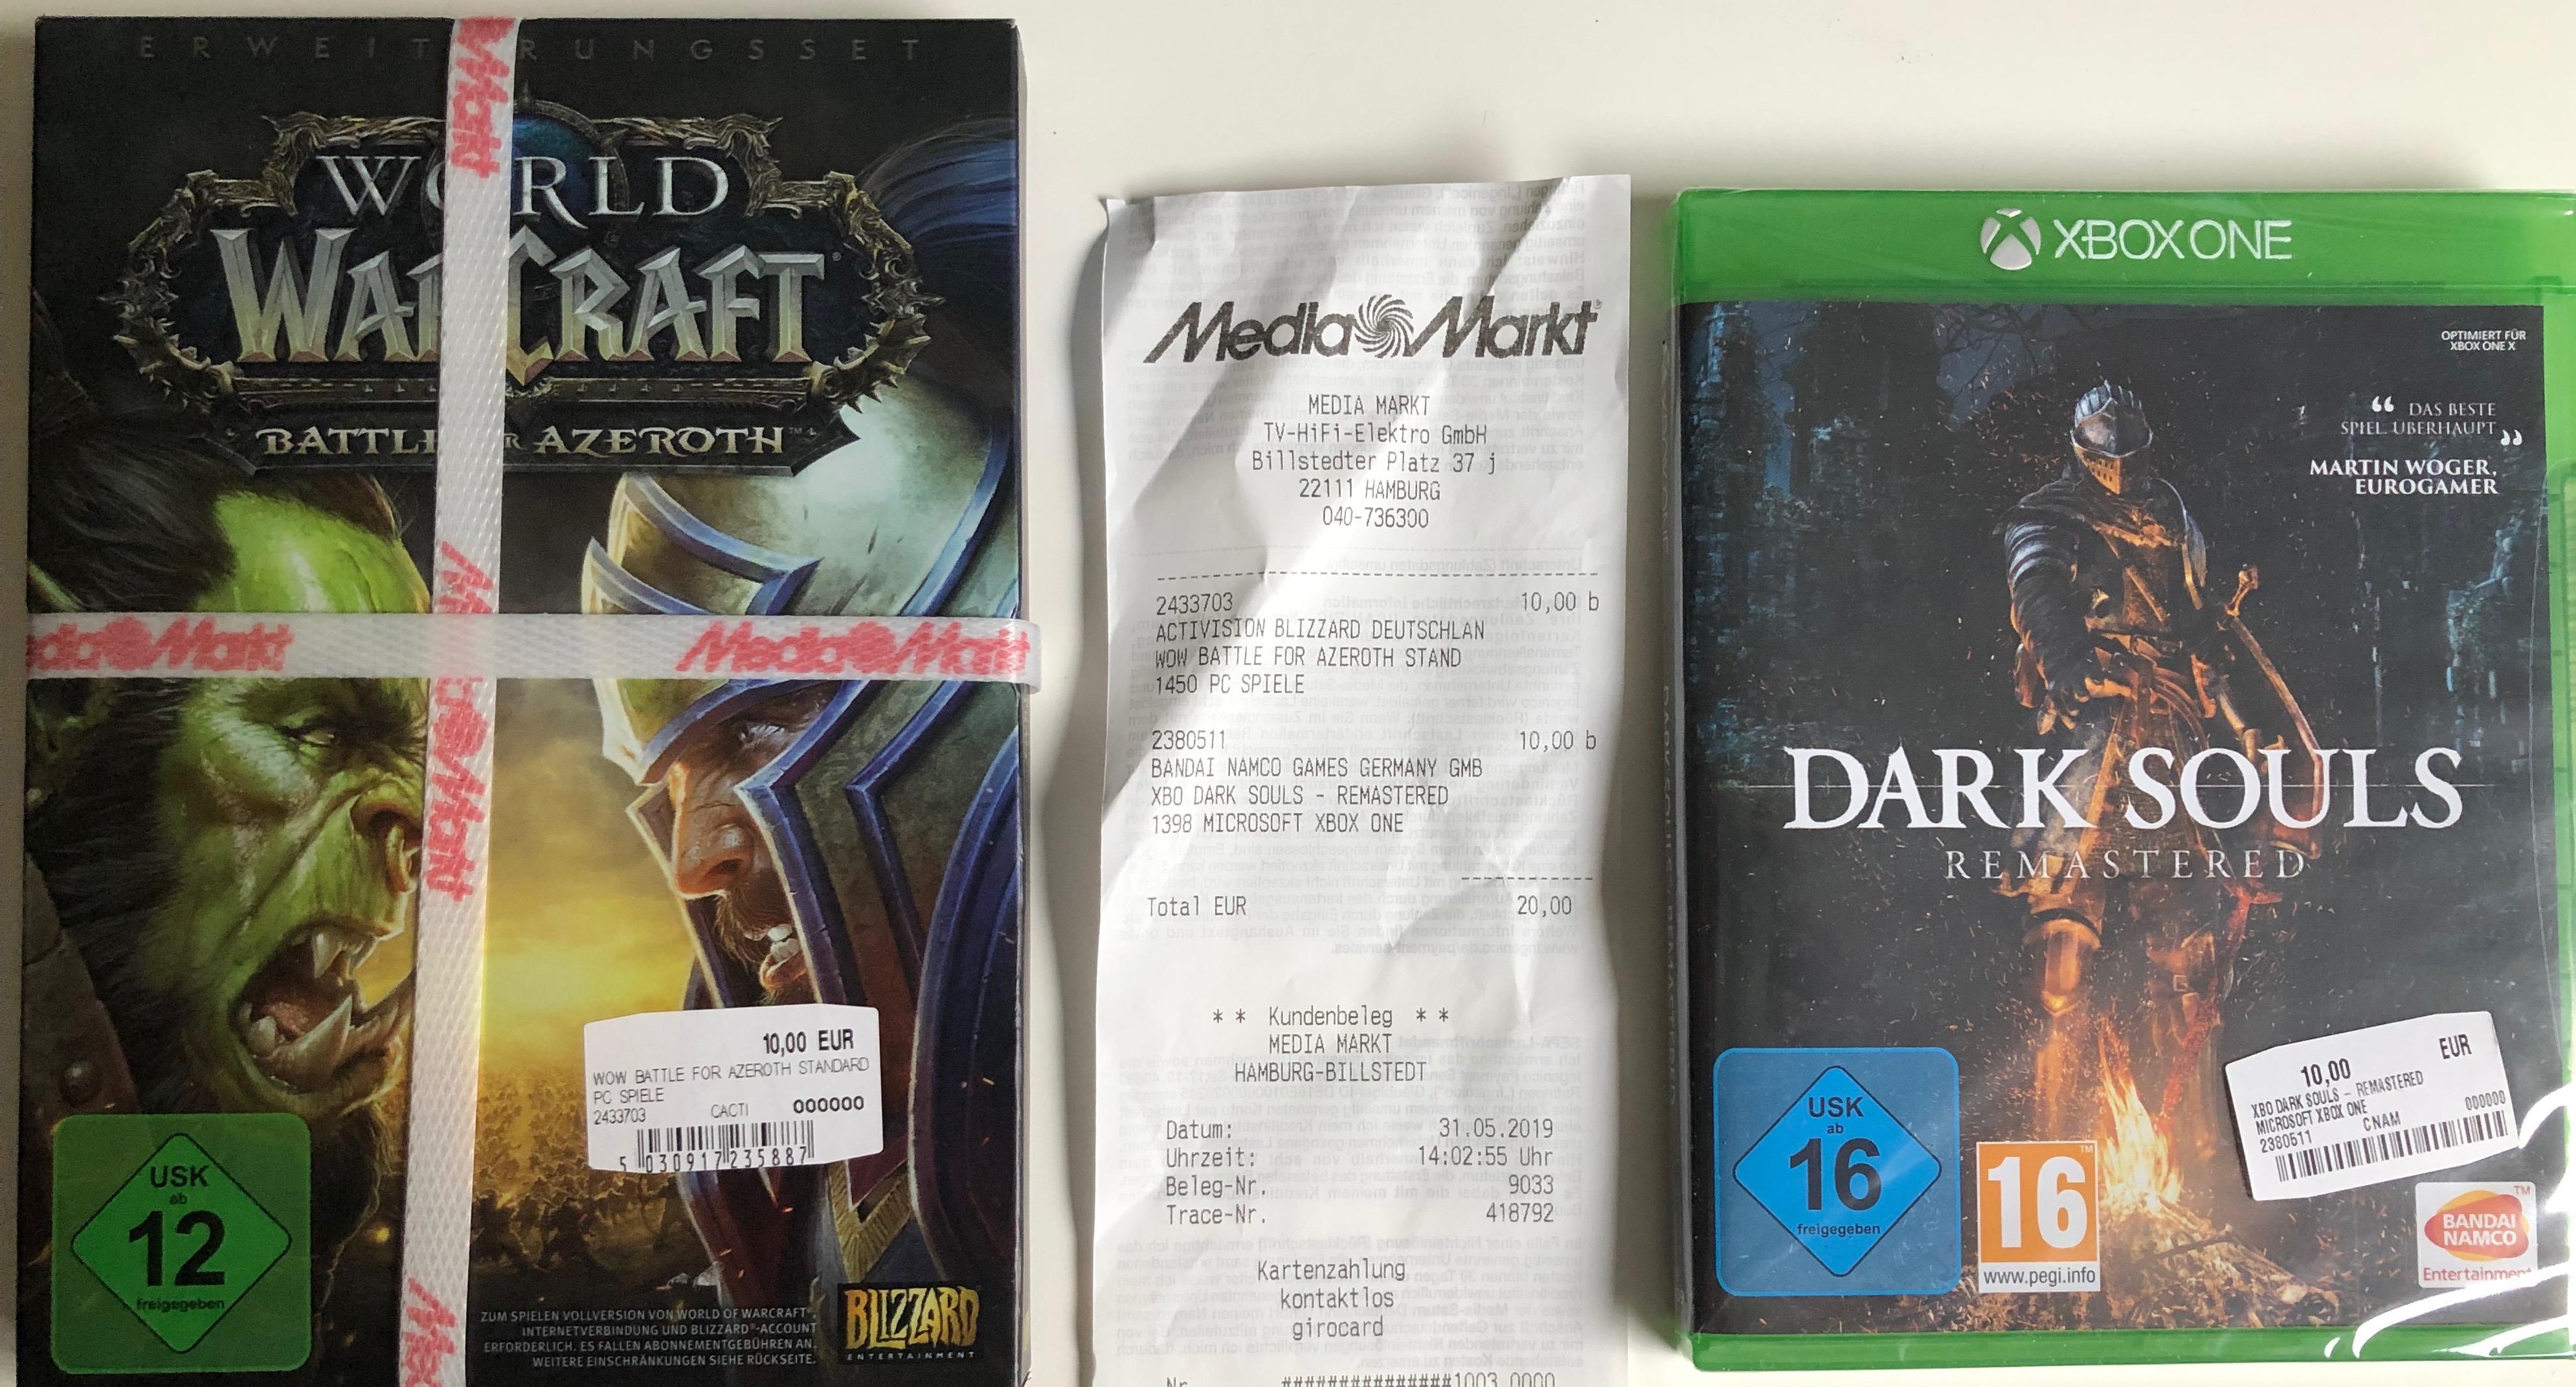 Lokal HH-Billstedt MediaMarkt: Battle For Azeroth 10 €  (DarkSouls Remastered Xbox 10 €)